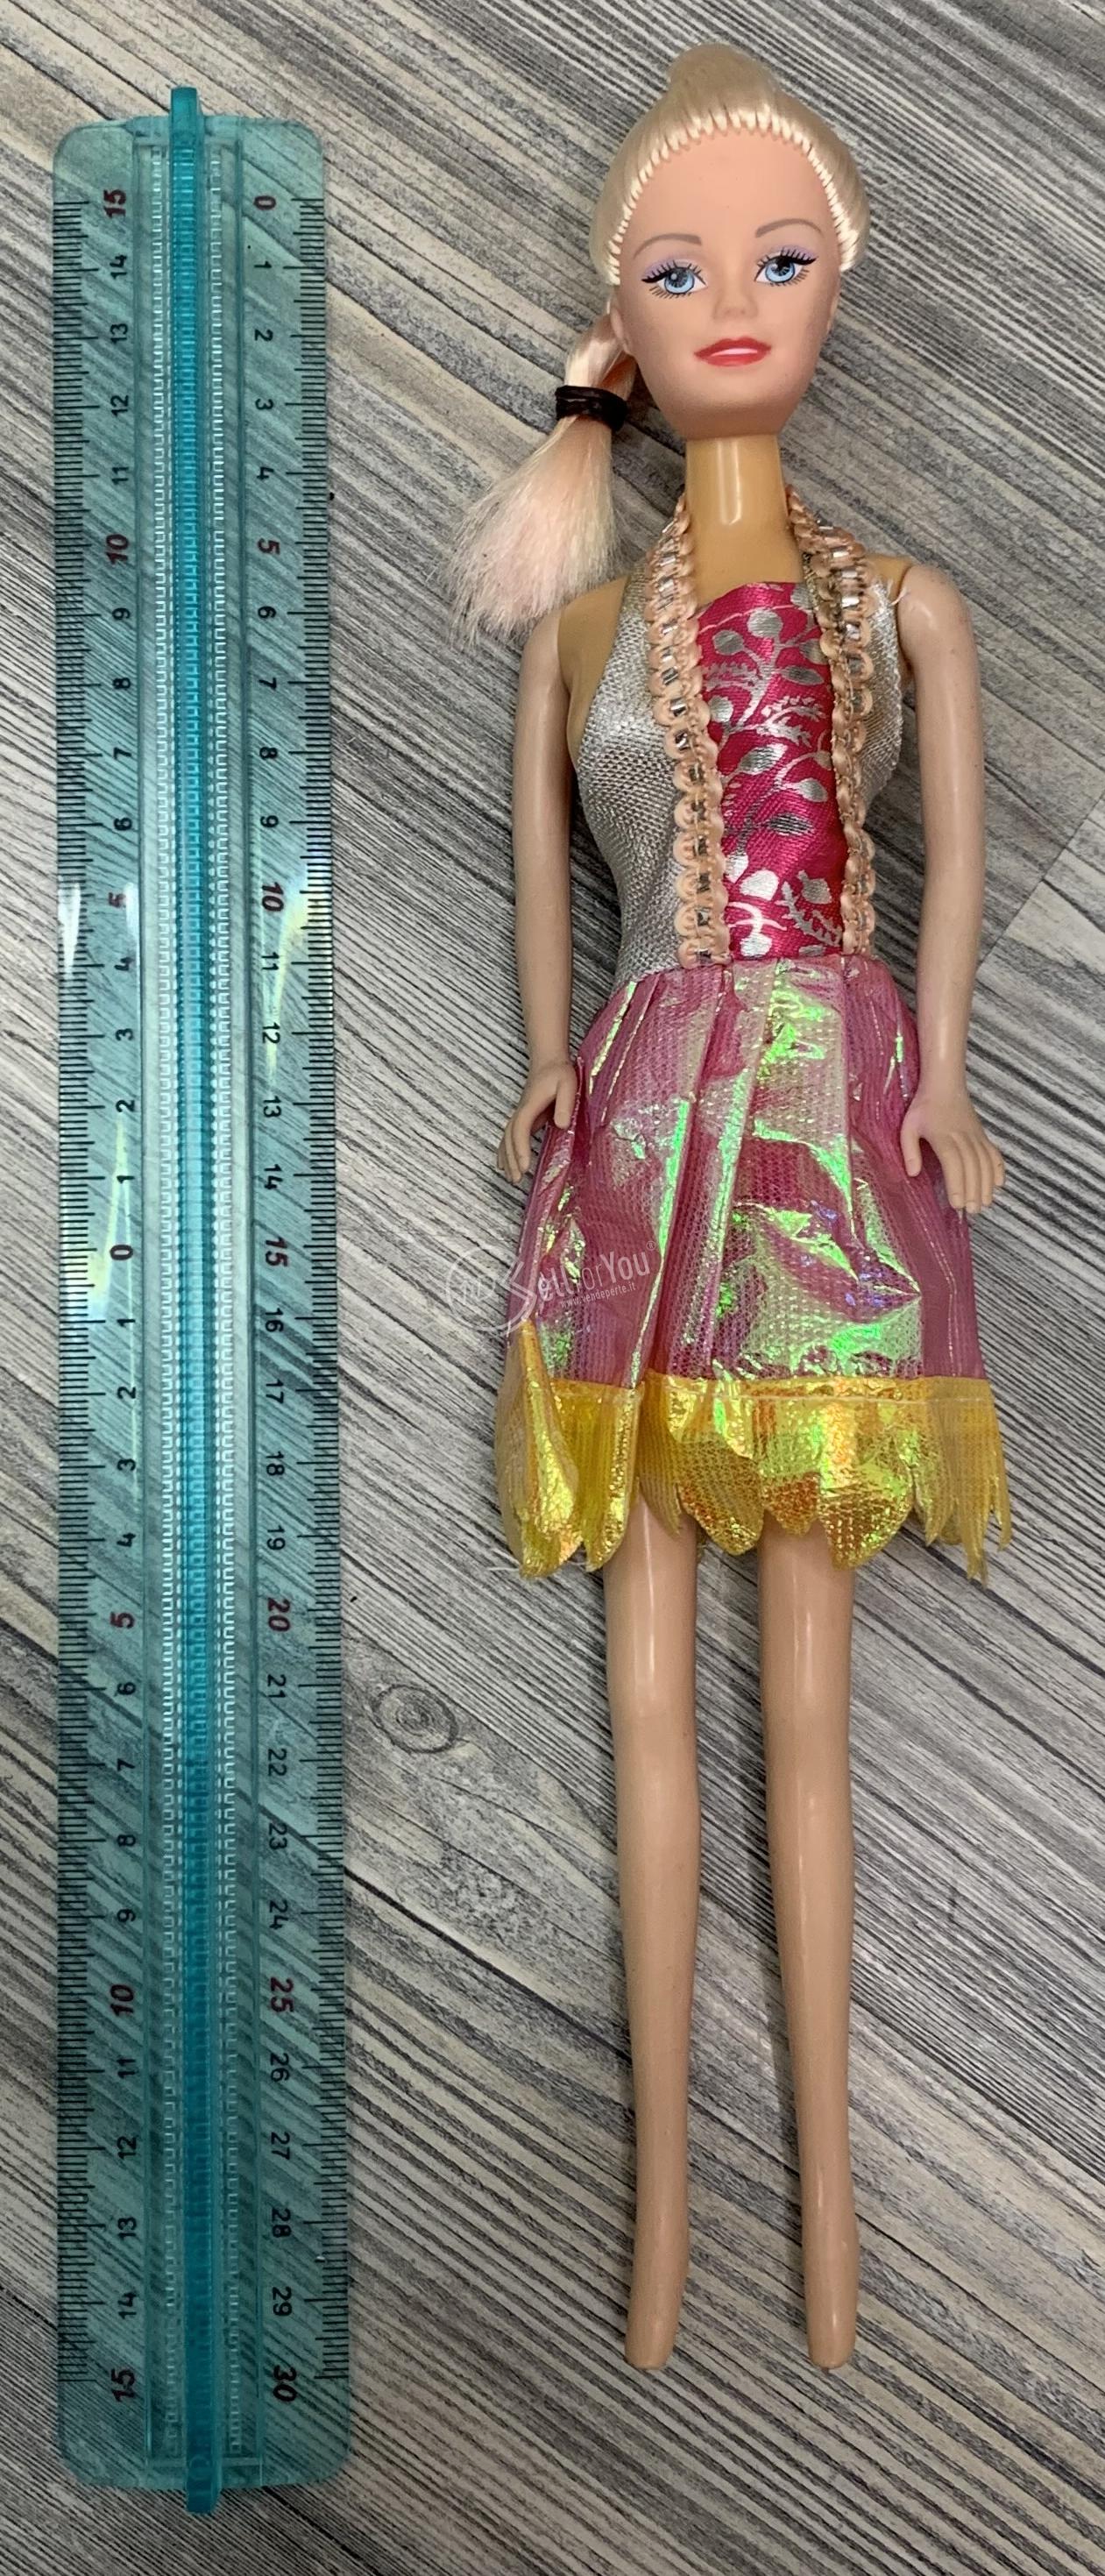 sellforyou immagine default articolo correlato non trovatoBarbie ''Cosmelic'' 30 cm vestito rosa